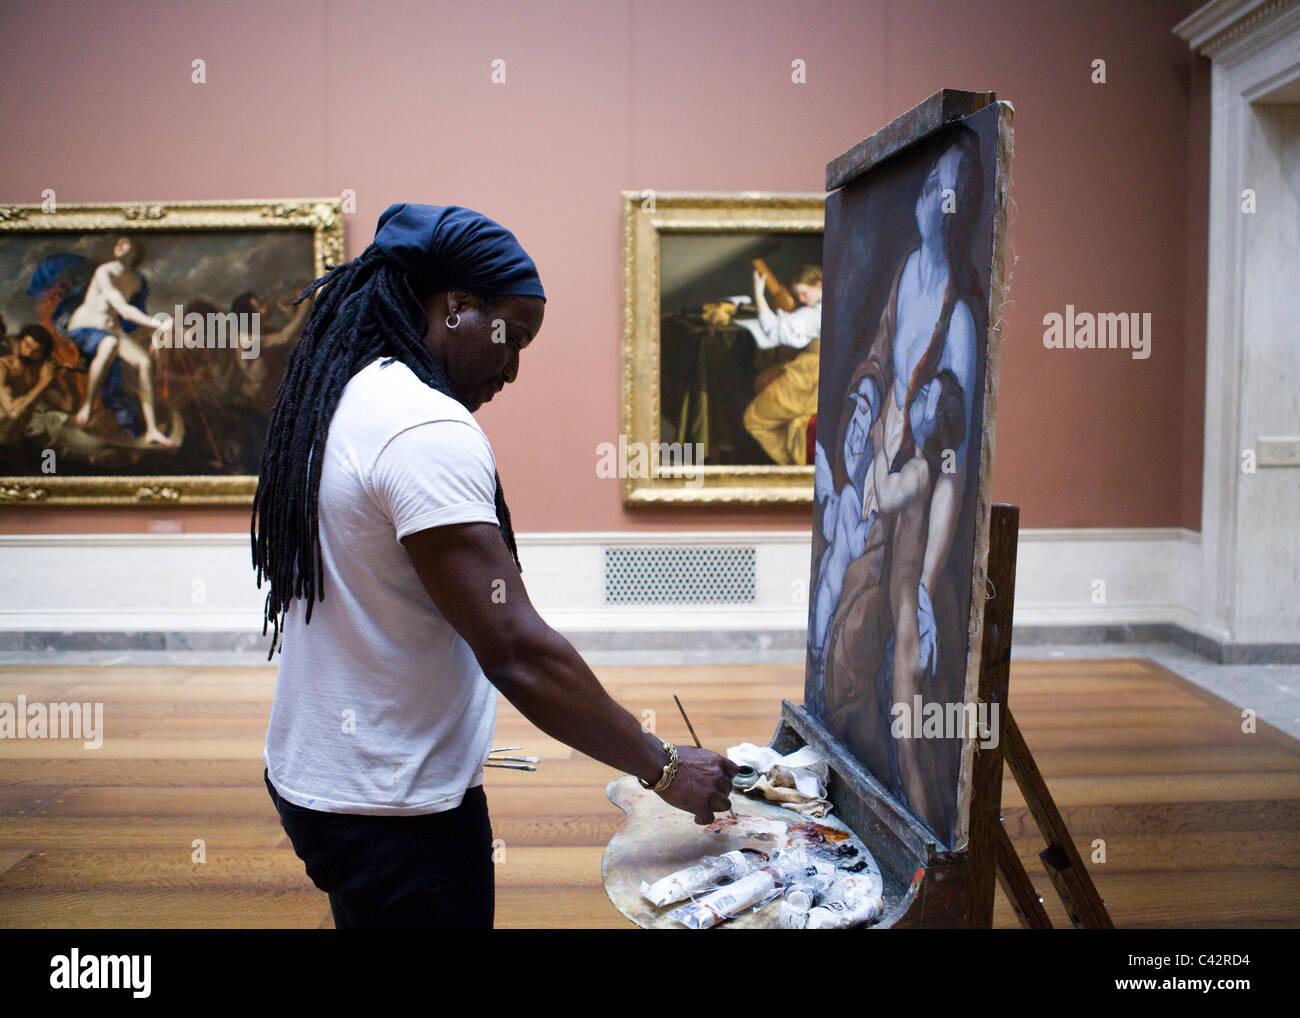 Una pittura ad olio artista ricreando un sedicesimo secolo la pittura - lo Smithsonian, il Museo di Fine-Art, Washington Immagini Stock